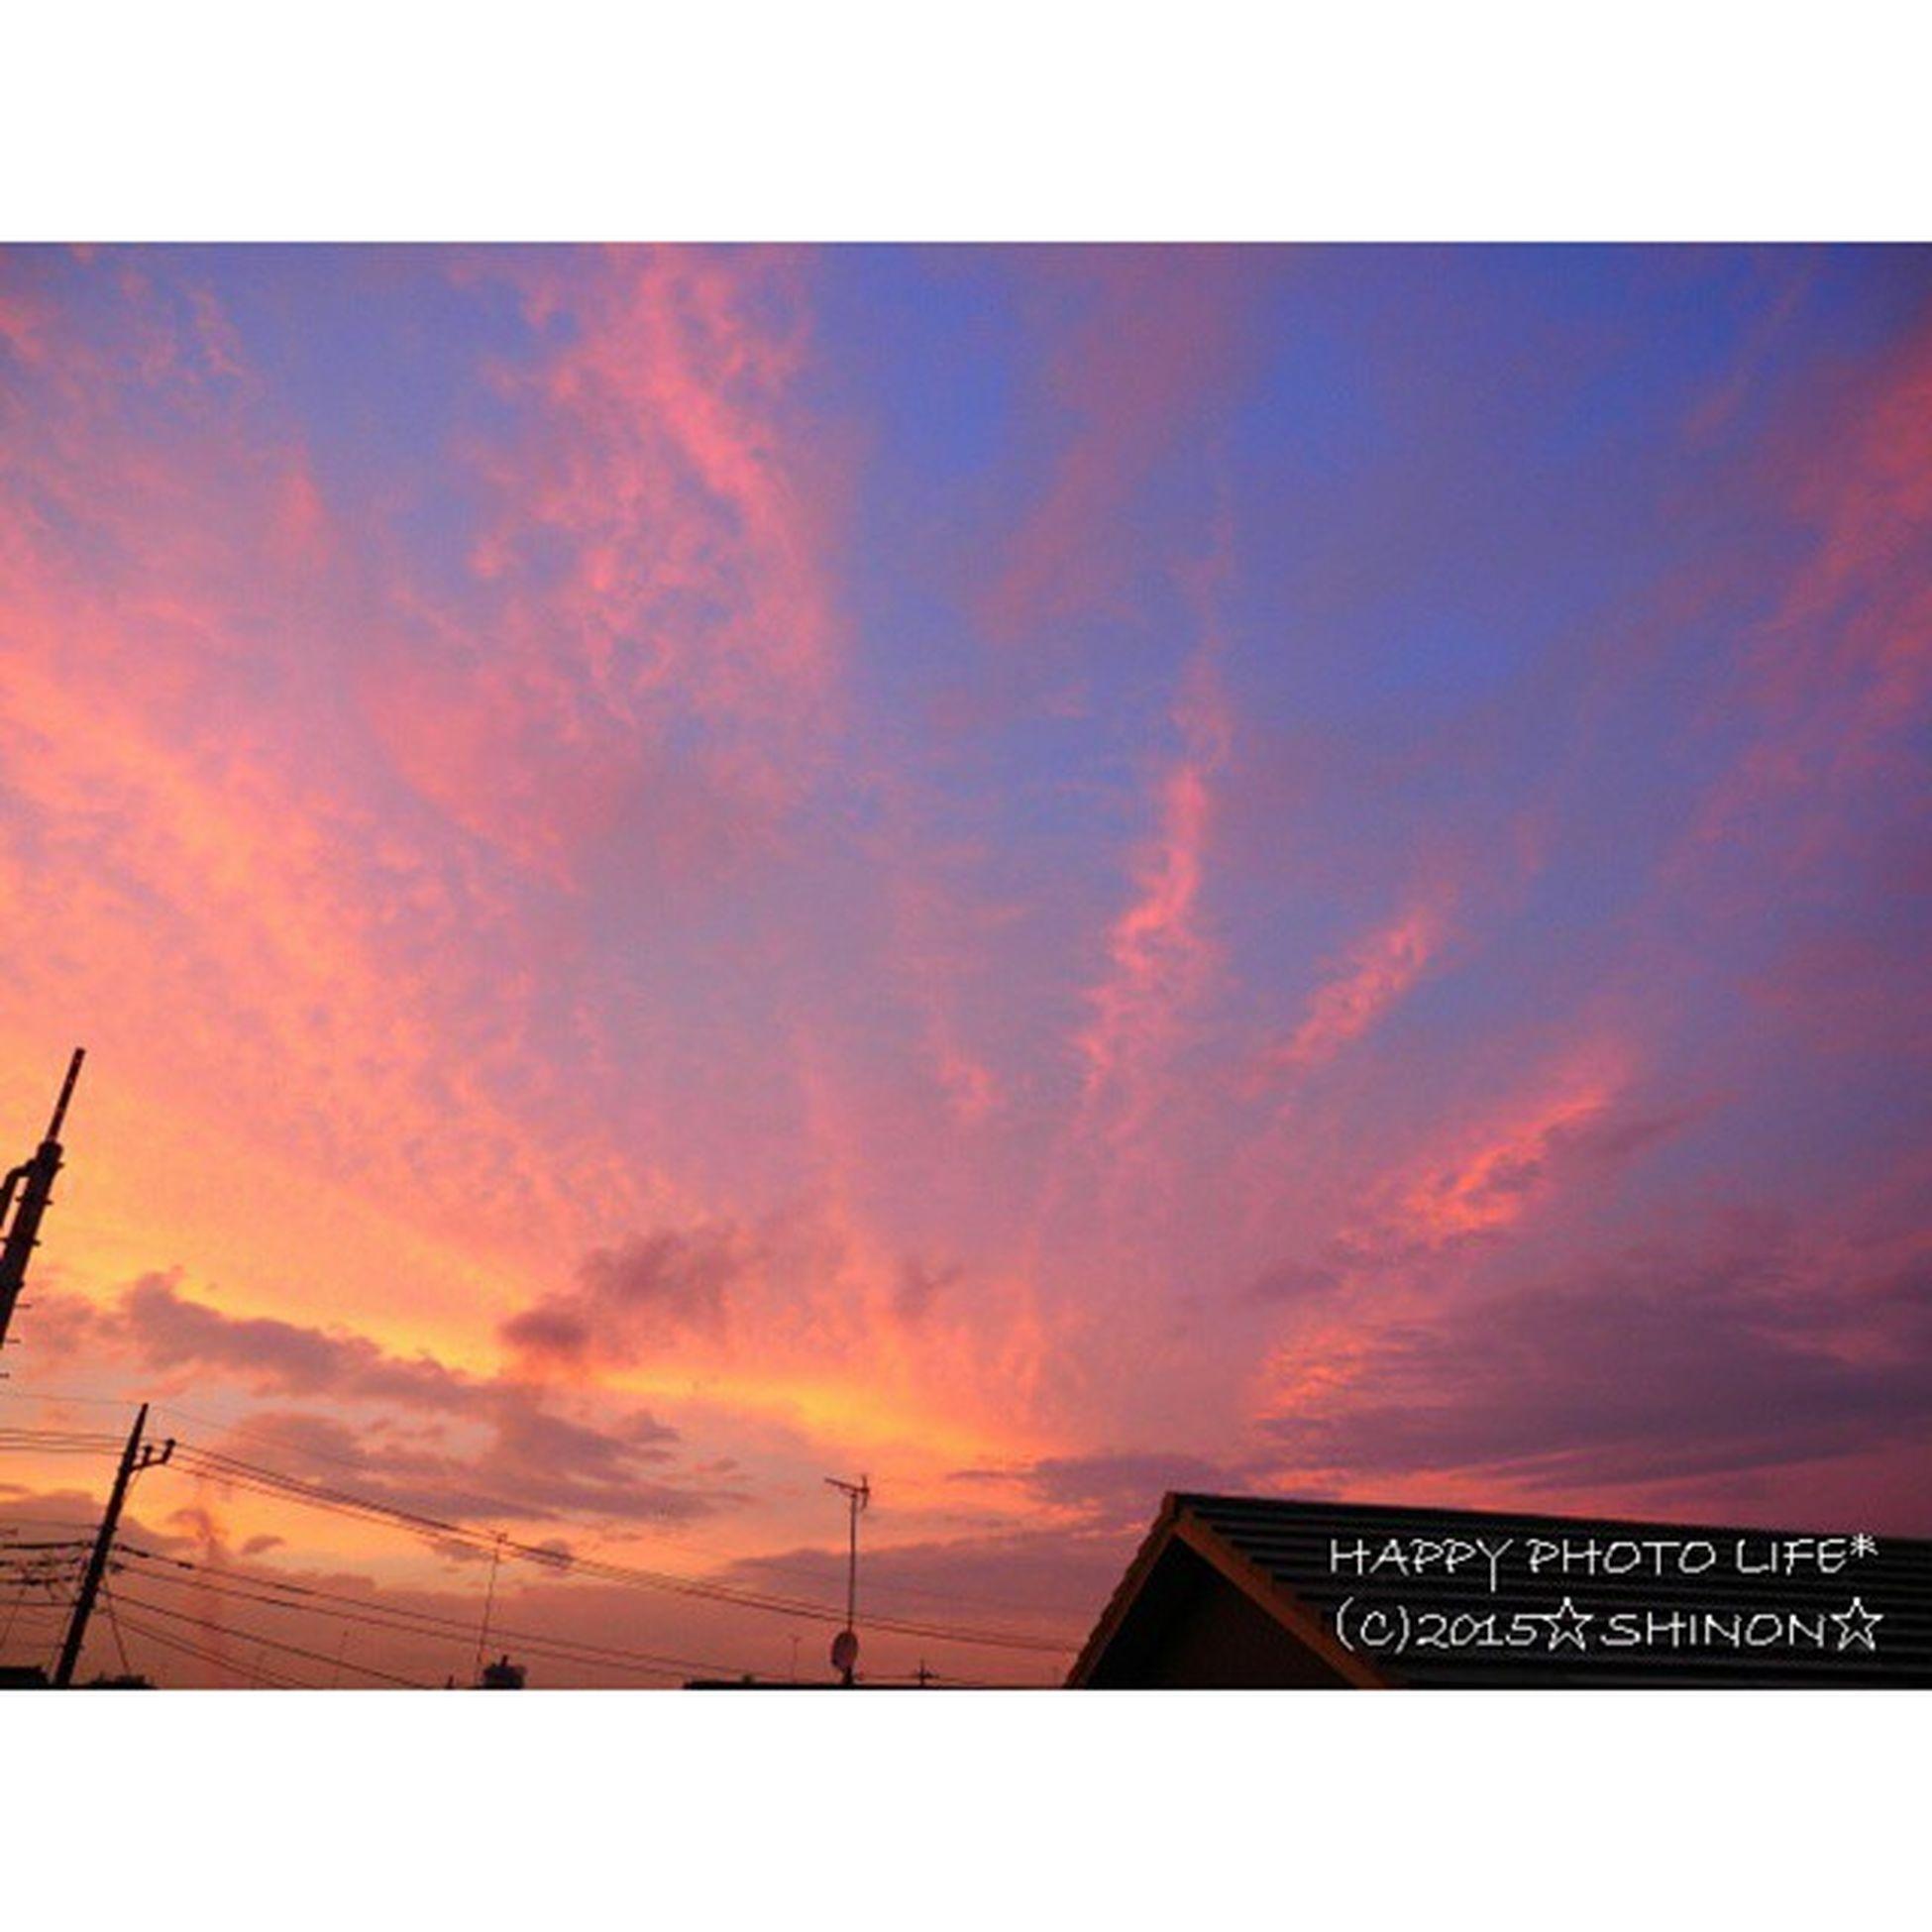 2015.06.28. * 今日も1日お疲れ様 明日も楽しい1日になりますように * 空 夕暮れ 昨日の空 Sky olympus om_d e_m1 my_pic